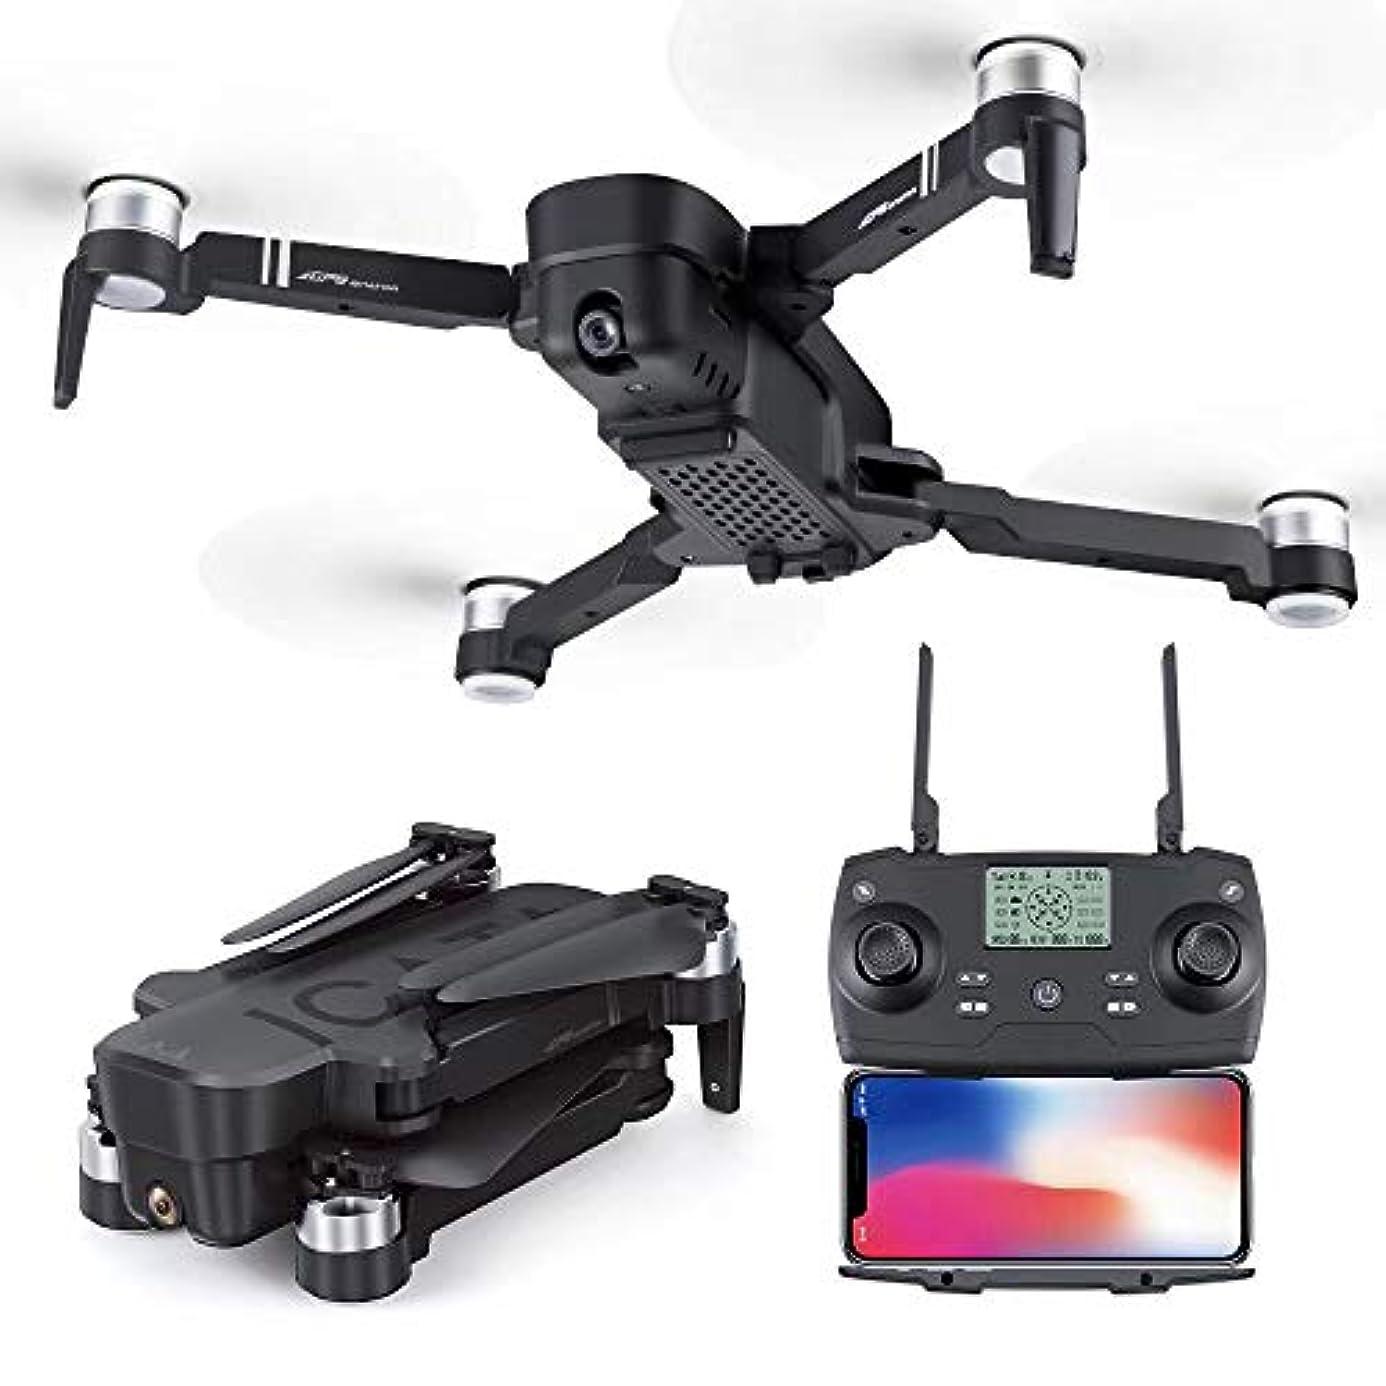 エネルギー学期隔離大人のための4Kカメラ、5G無線LAN FPV折り畳み式のGPSドローン、ブラシレスモーター、25分飛行時間、1000M制御範囲、フォローミーとクワッドローターとドローン